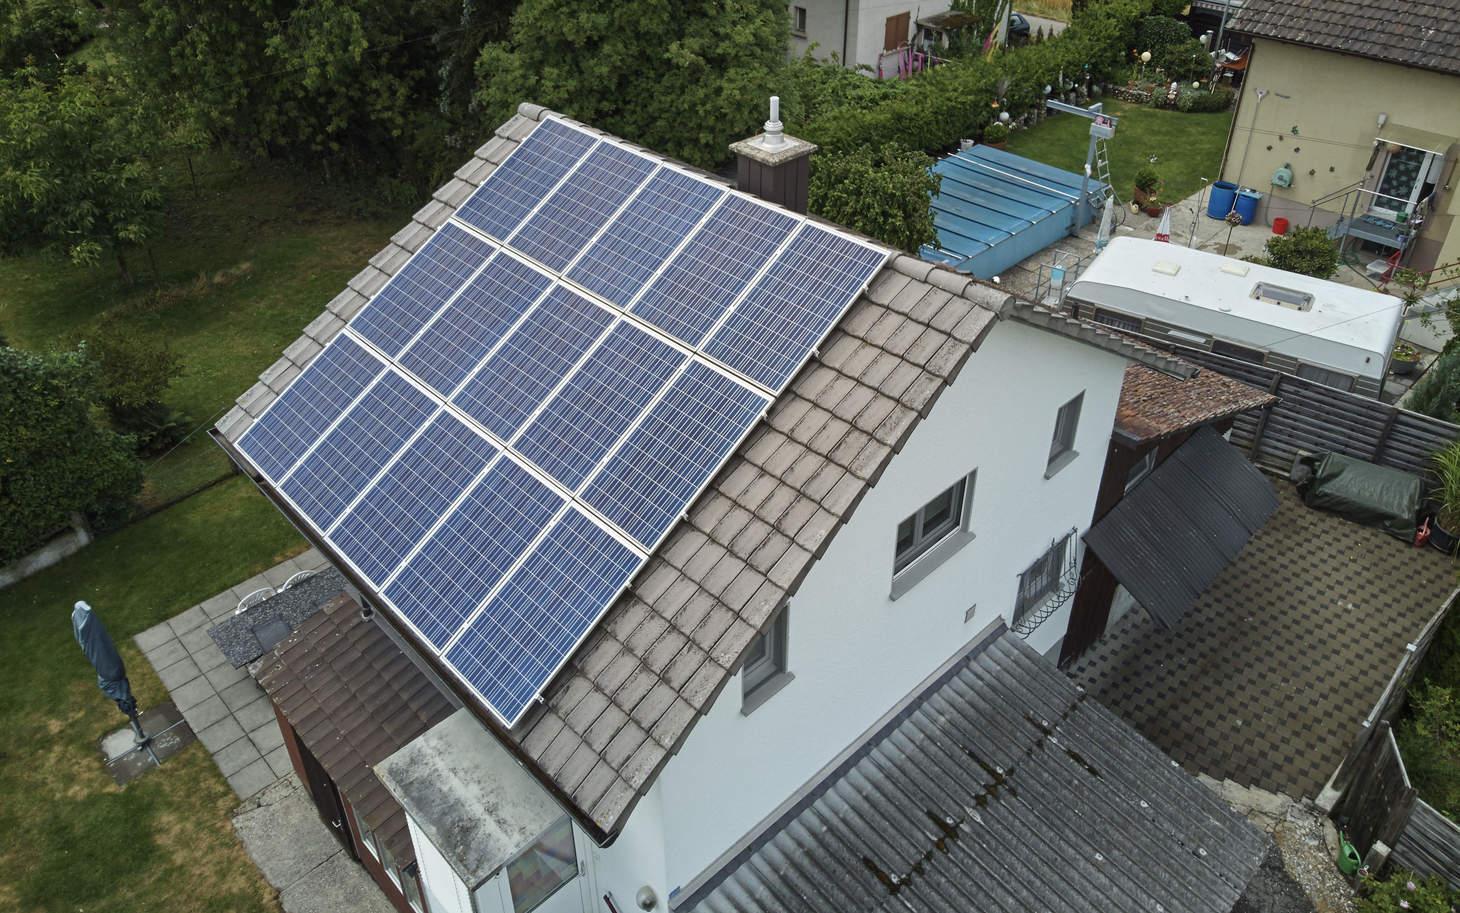 Photovoltaik Anlage auf einem Hausdach